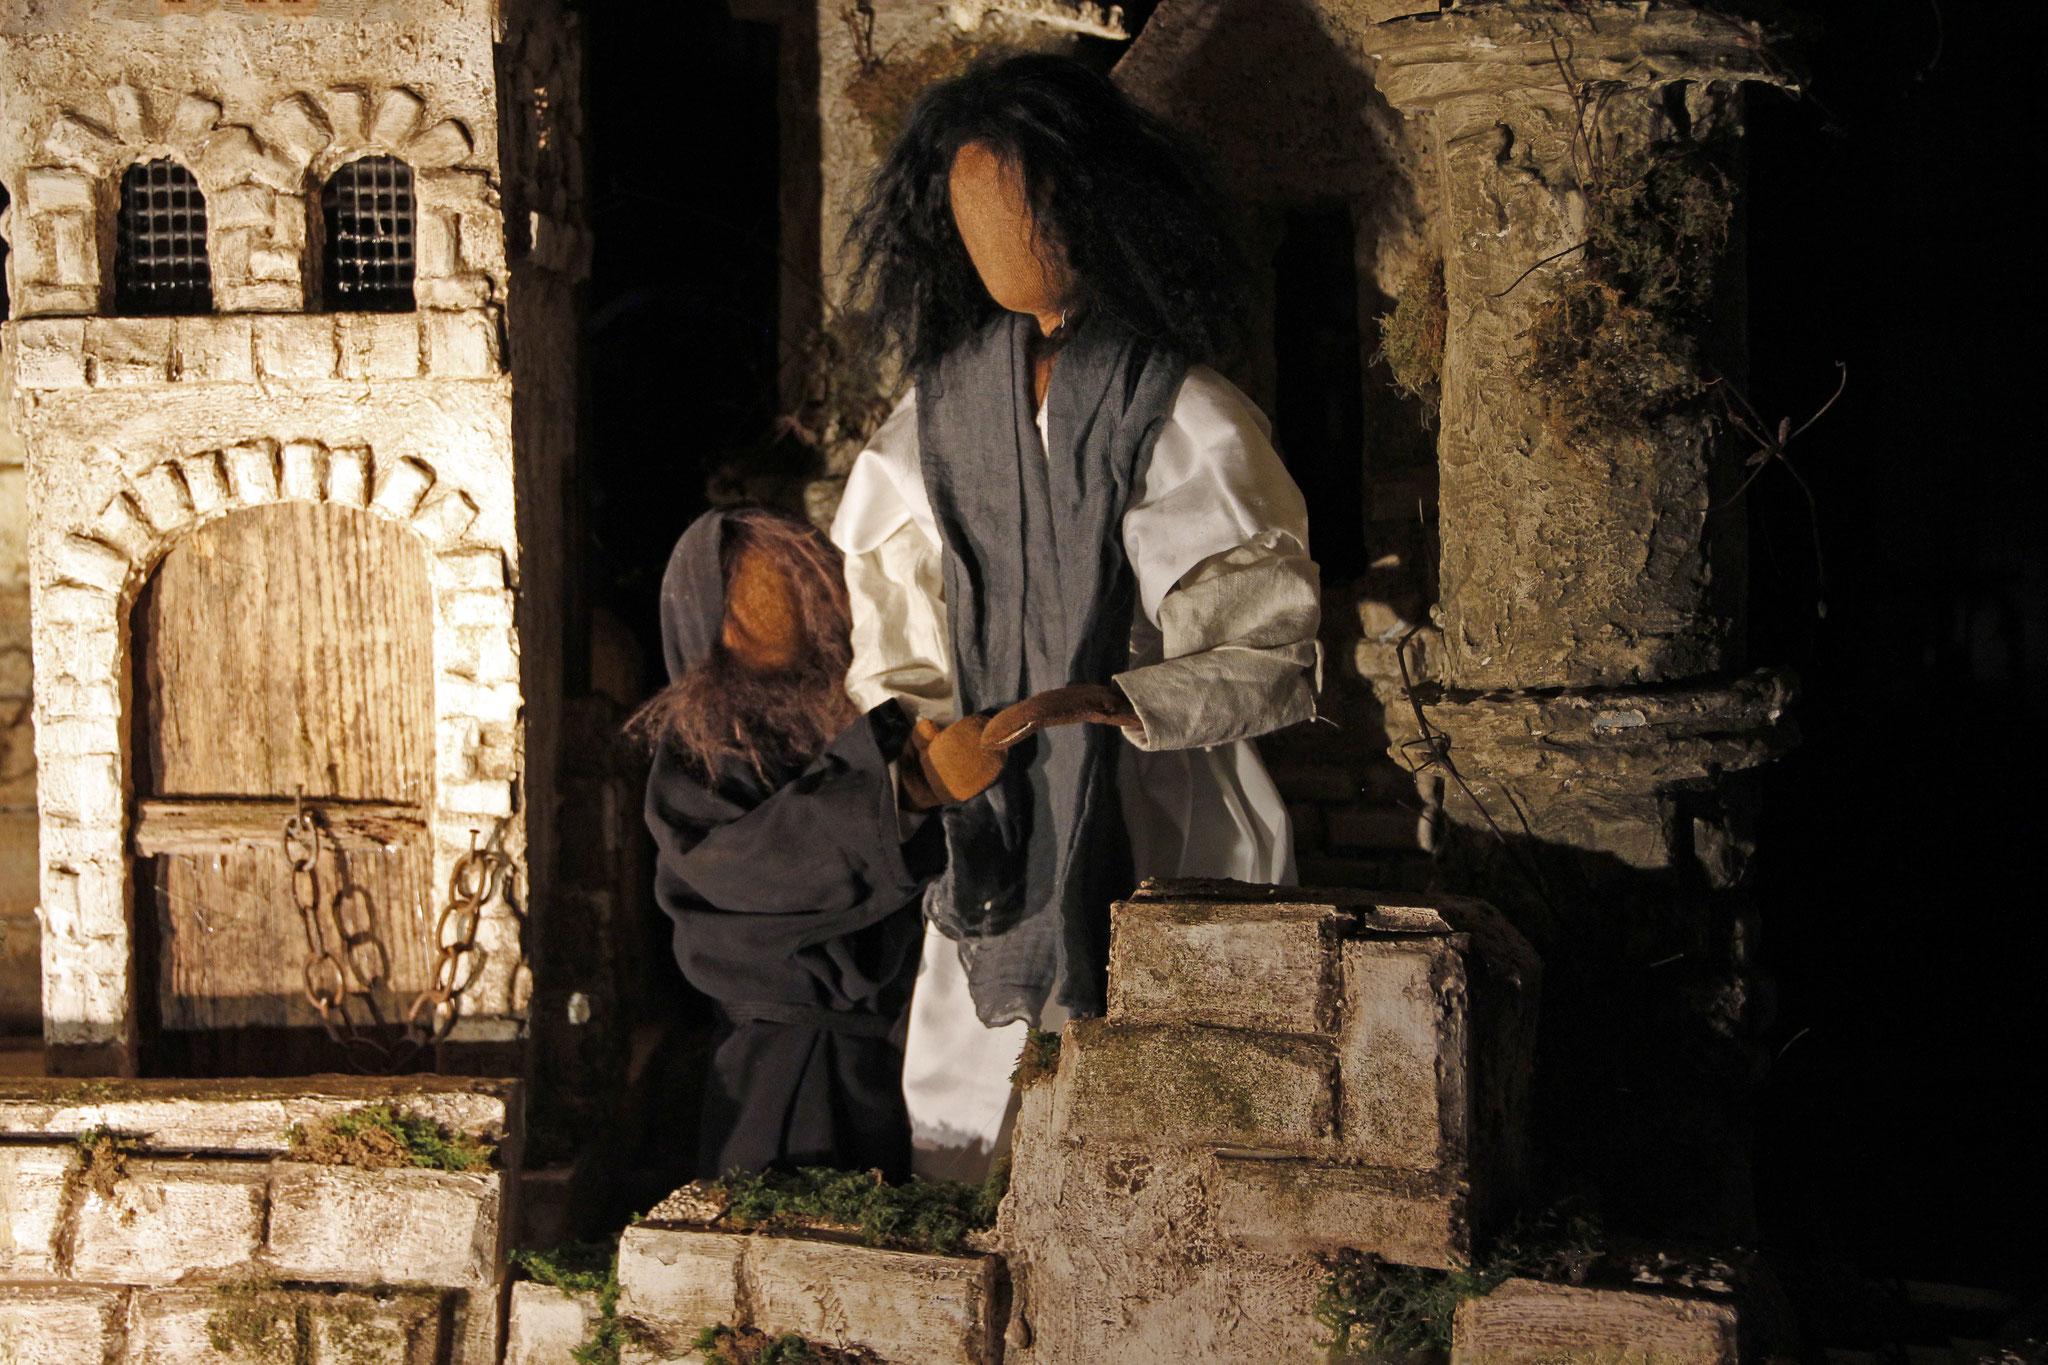 Darauf nahm in der Teufel mit sich in die Heilige Stadt, stellte ihn oben auf den Tempel und sagte zu ihm: Wenn du Gottes Sohn bist, so stürz dich hinab; denn es heisst in der Schrift: Senen Engeln befiehlt er, dich auf ihren Händen zu tragen, damit ...